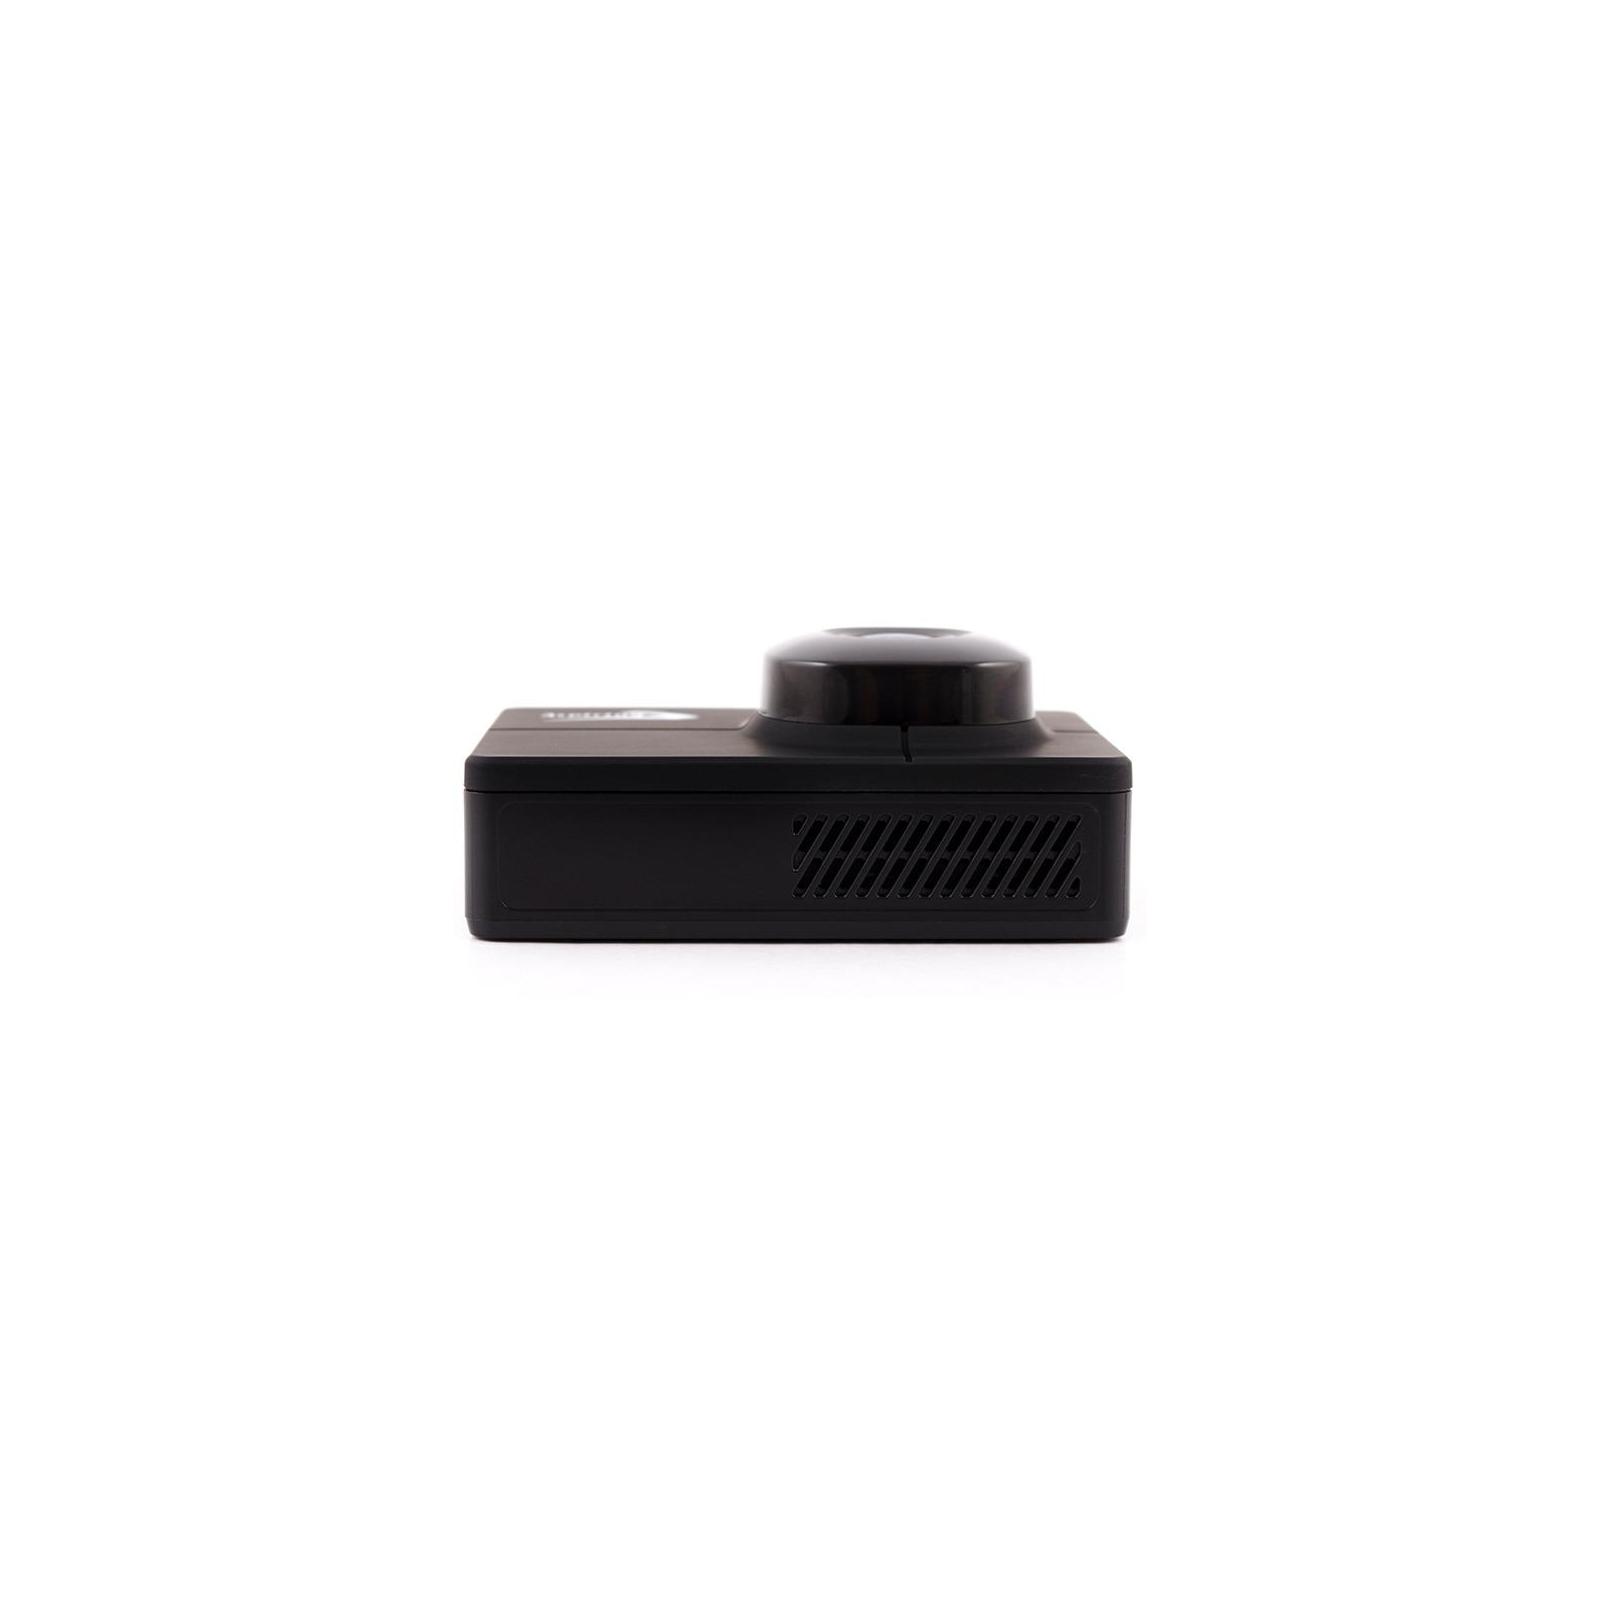 Видеорегистратор Aspiring AT220 Wi-Fi (AT220) изображение 4